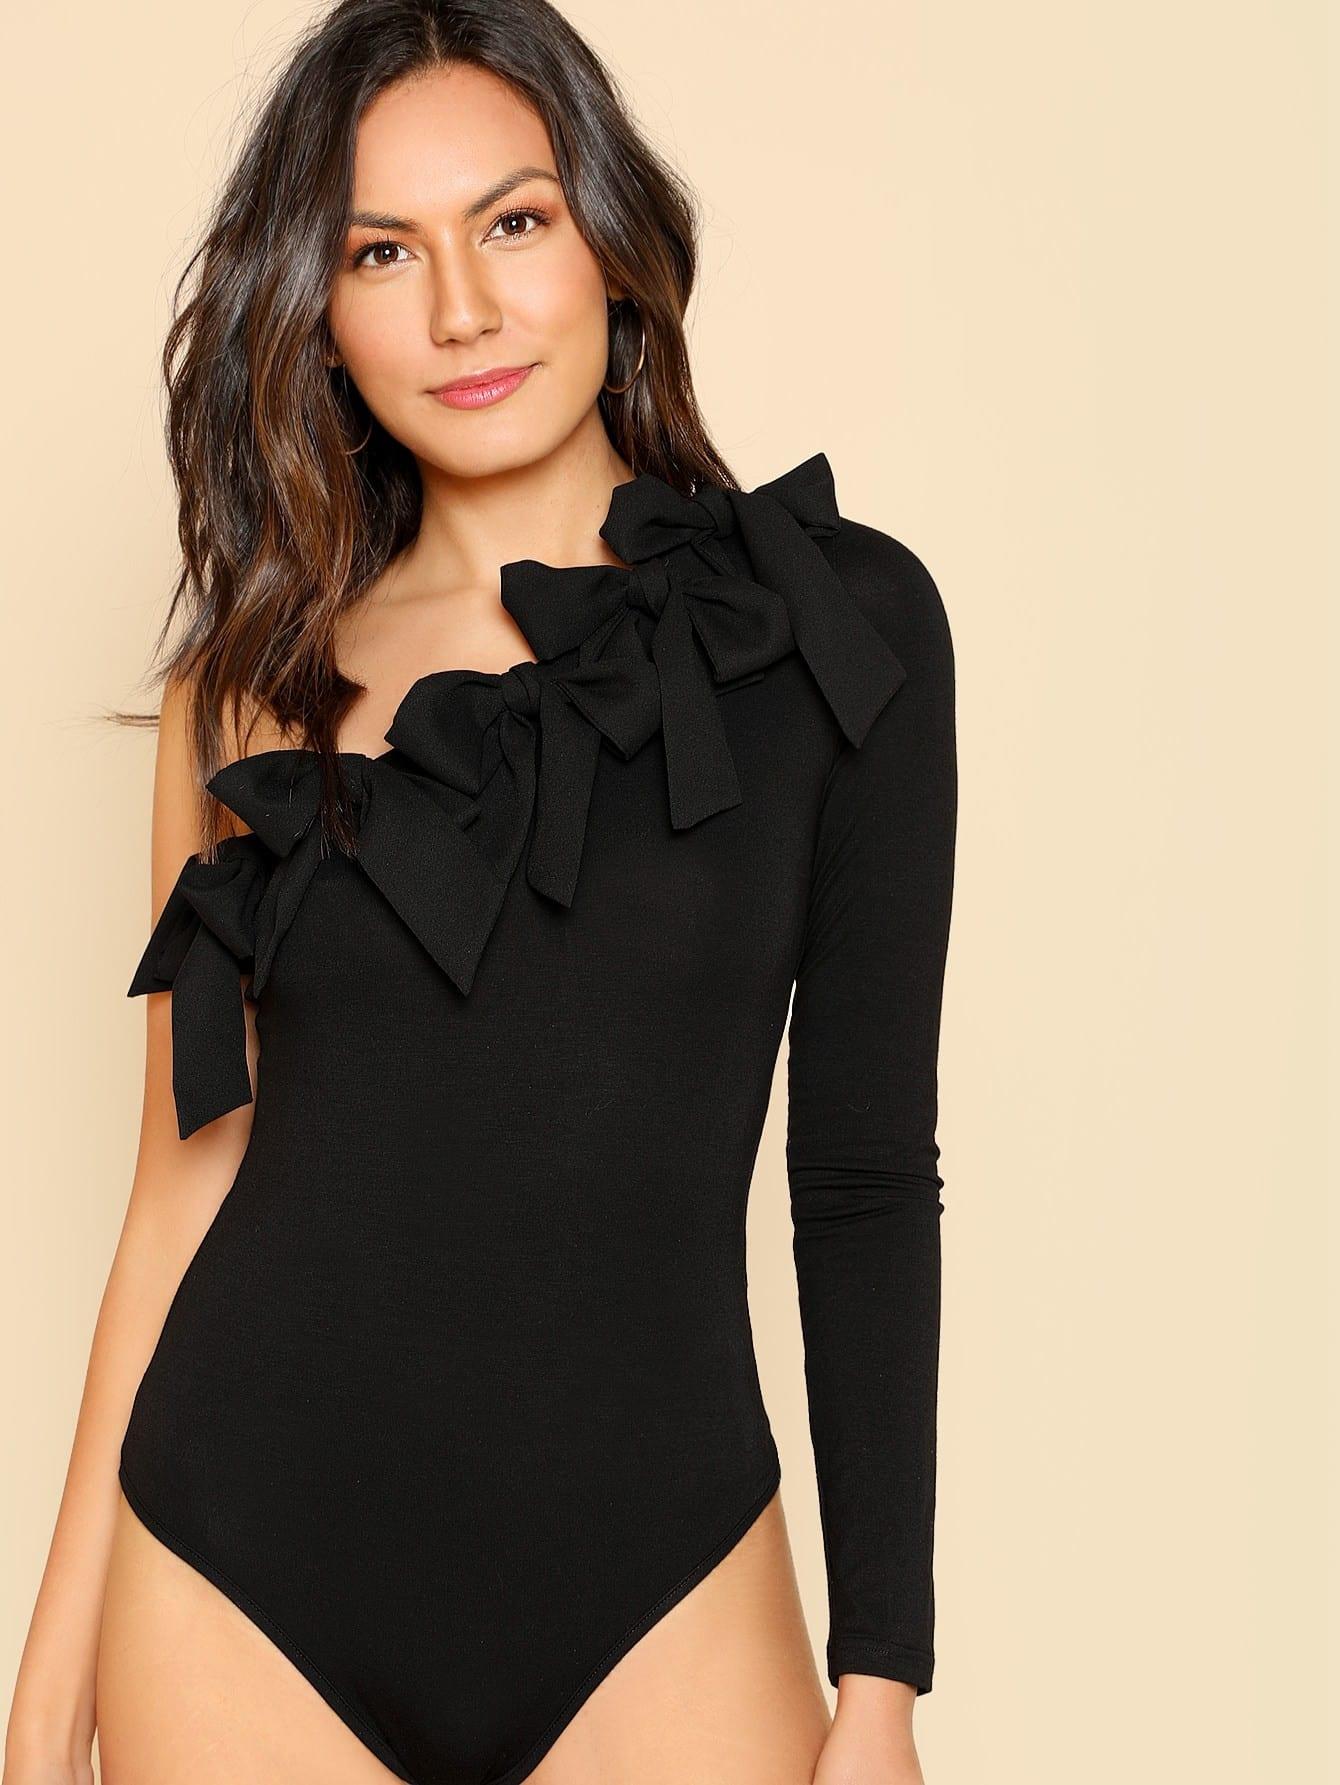 Купить Модное боди на одно плечо с бантом, Kendall Marie, SheIn